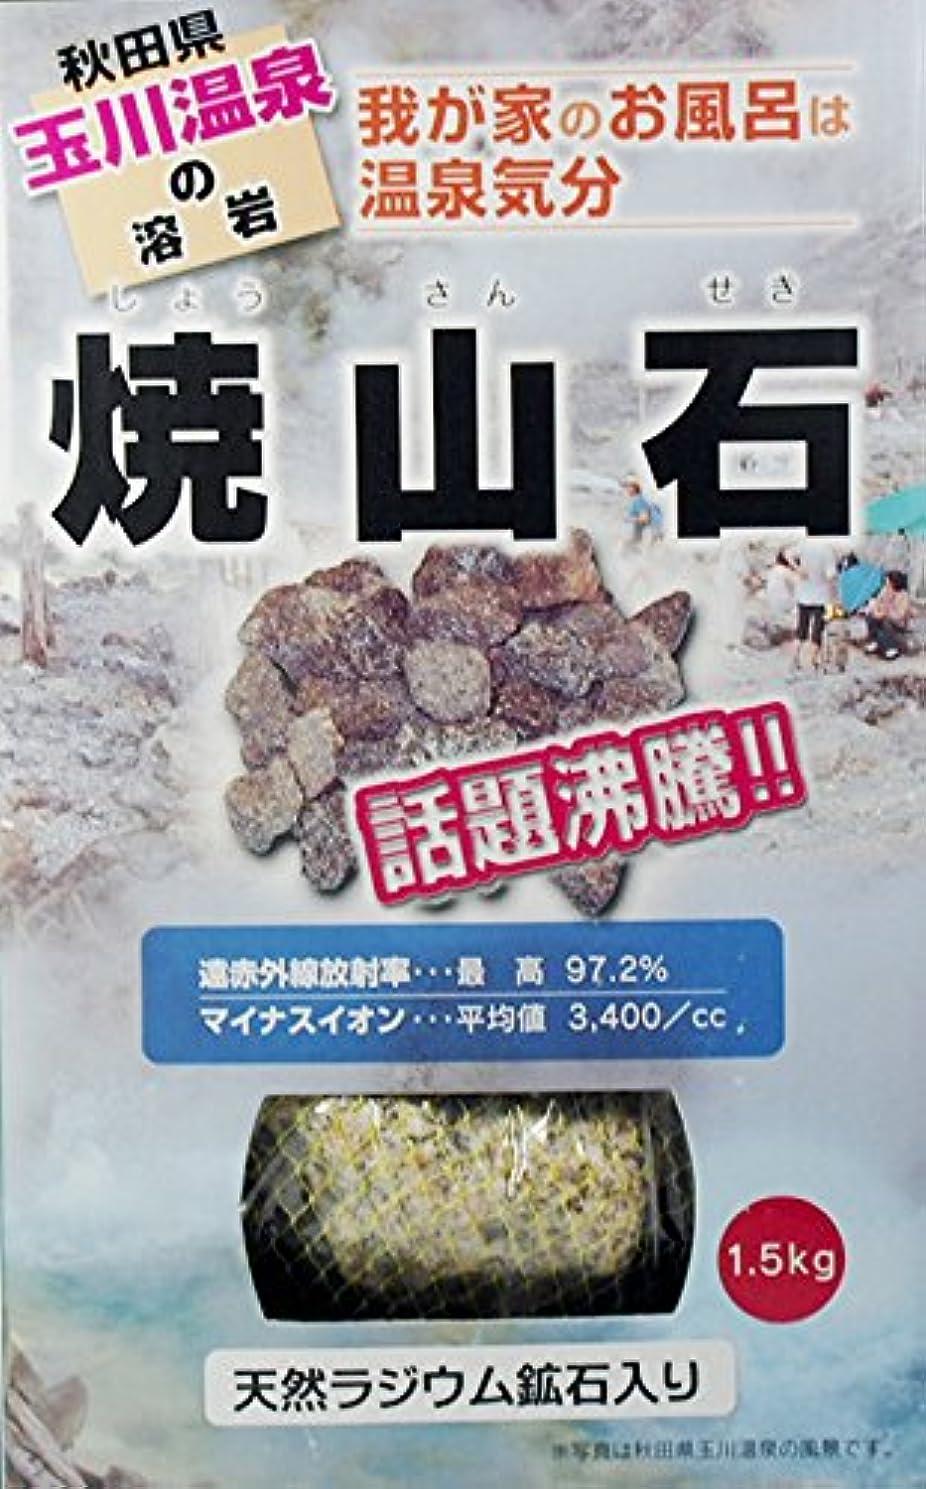 ヒロイン白い種【秋田玉川温泉湧出の核、焼山の溶岩】焼山石1.5kg(国産ラジウム鉱石混入)【お風呂でポカポカに】